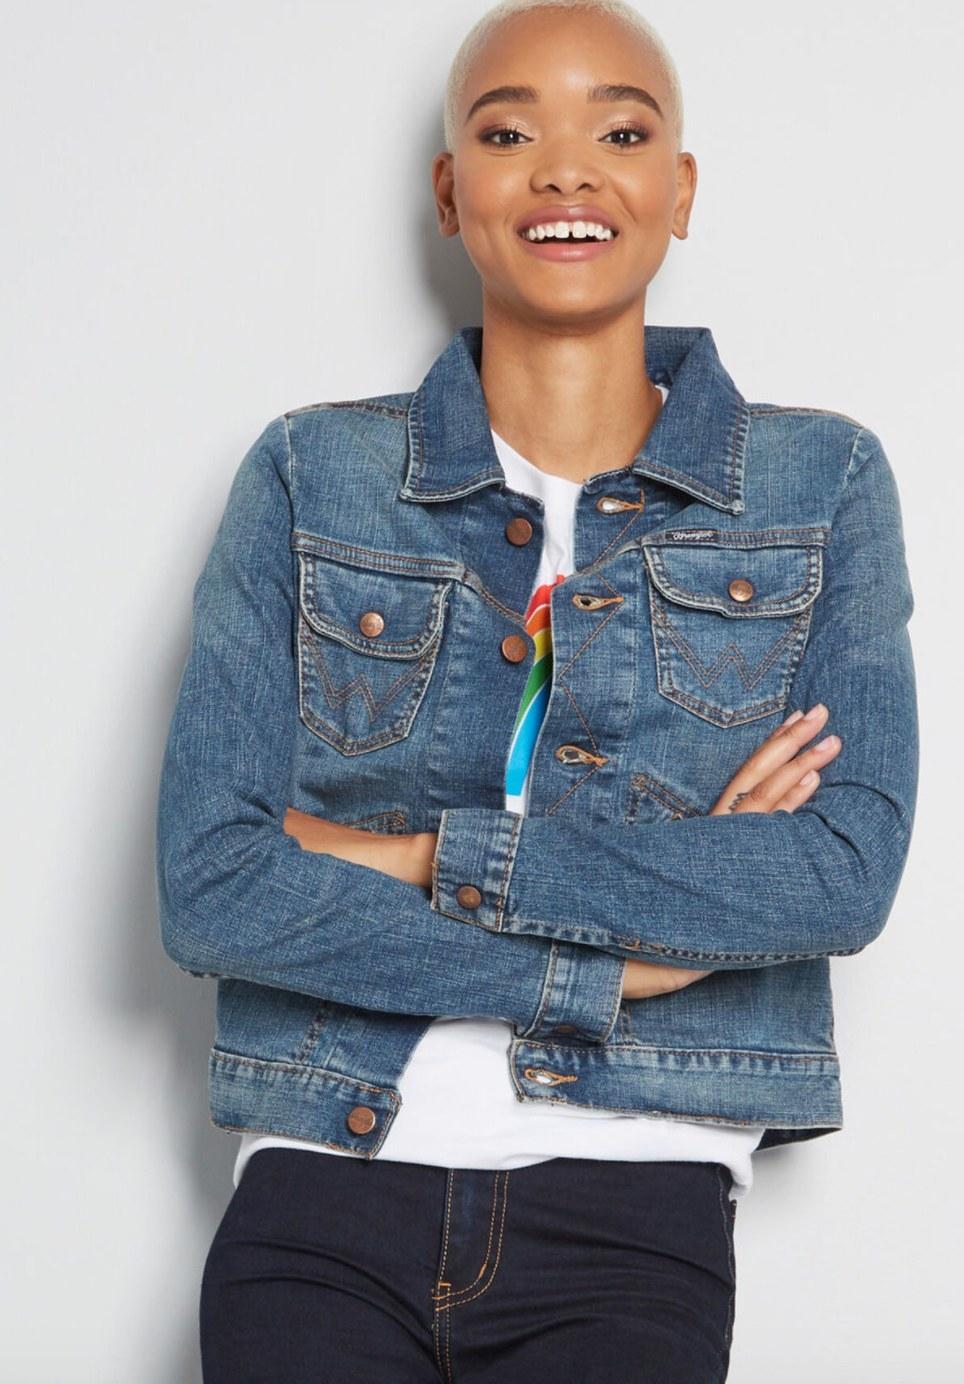 Model wearing the denim jacket